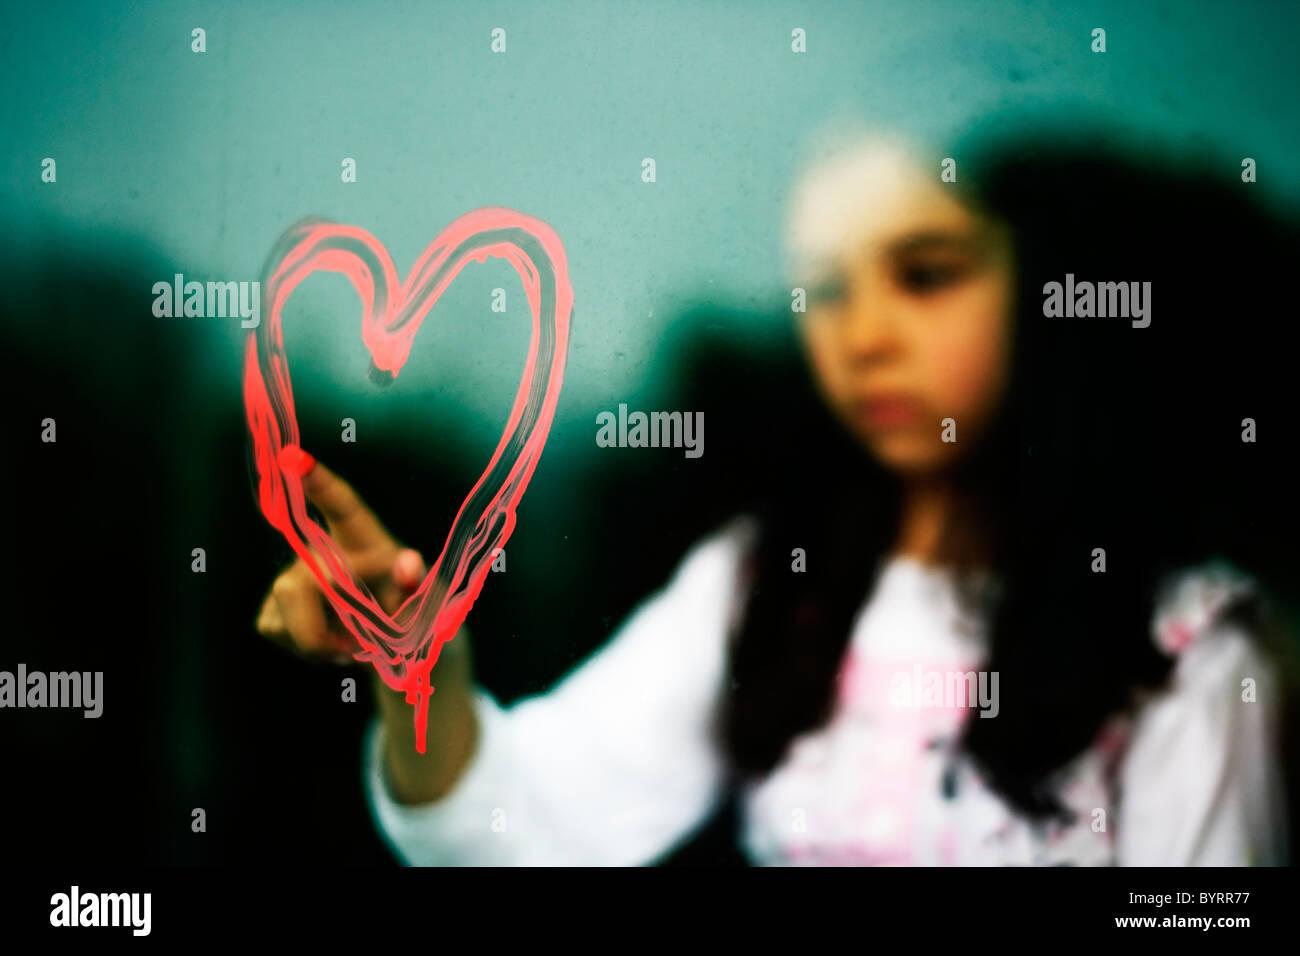 Ragazza trae forma di cuore sulla finestra sporca con le sue dita in vernice rossa Immagini Stock